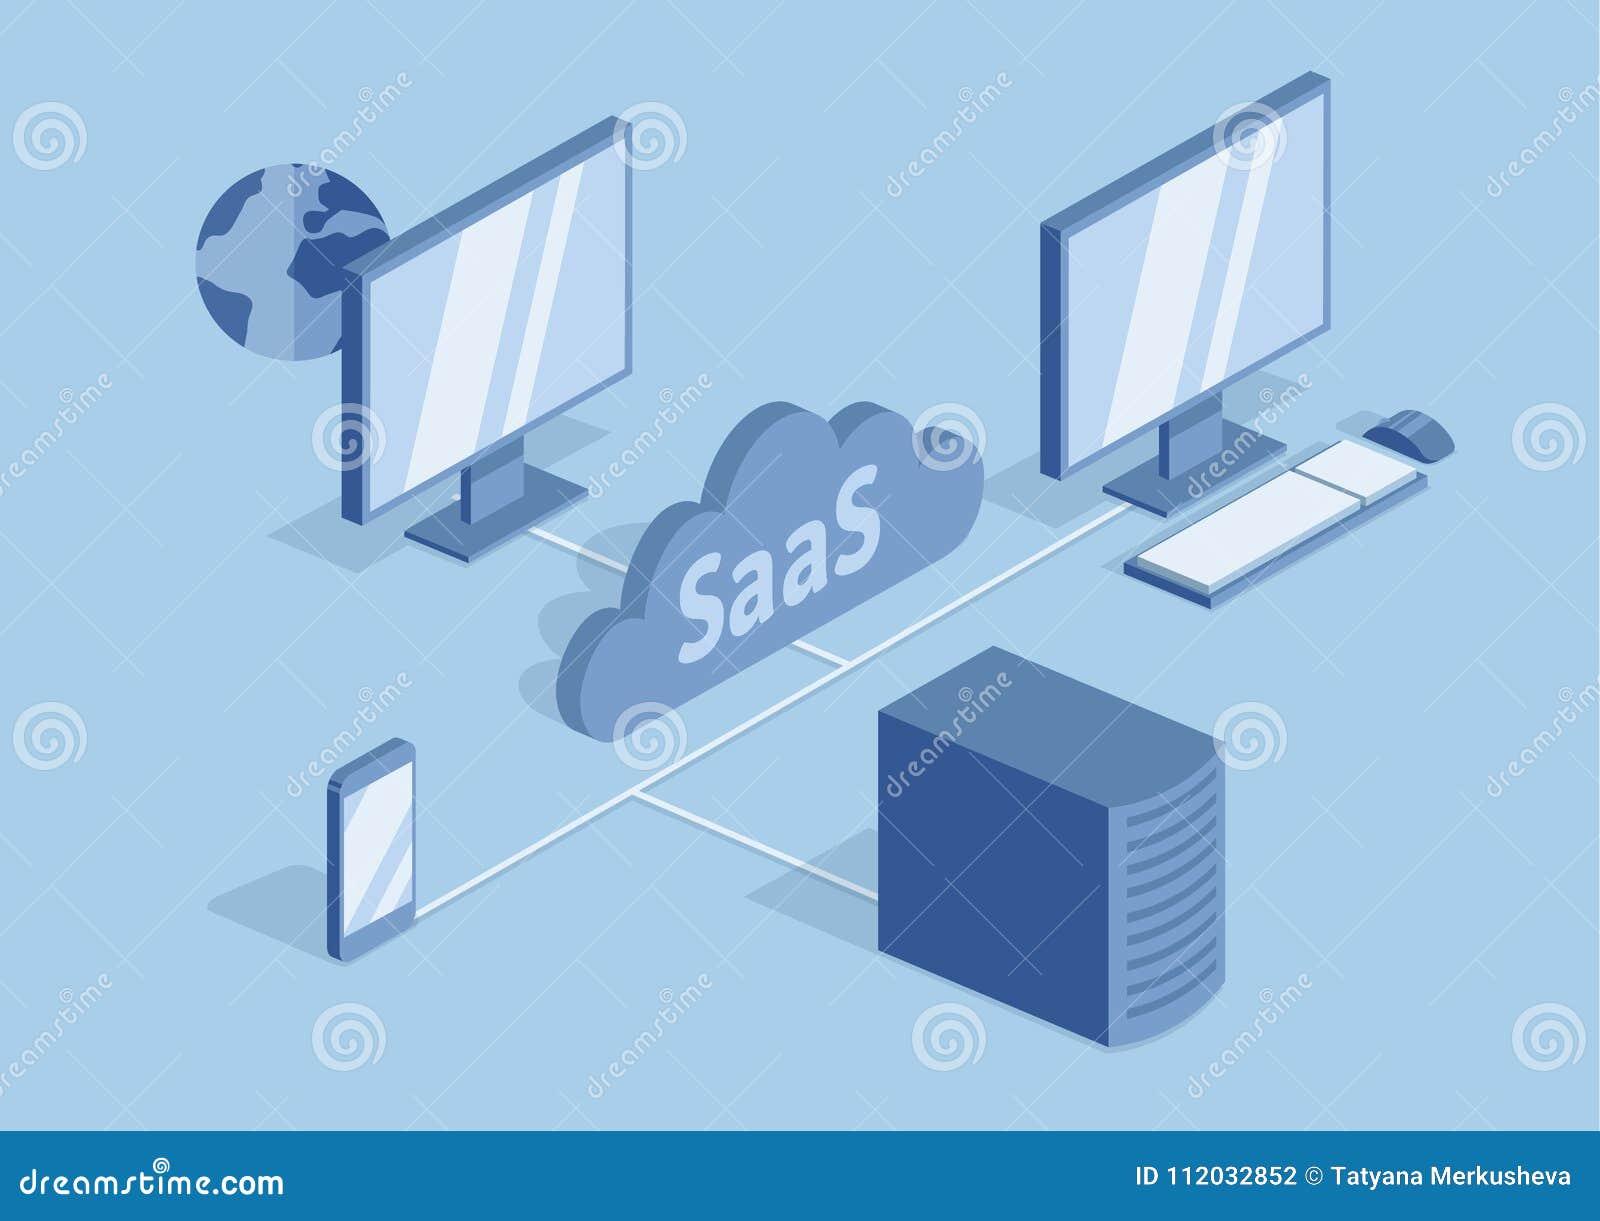 Concept SaaS, software als dienst Wolkensoftware op computers, mobiele apparaten, codes, app server en gegevensbestand